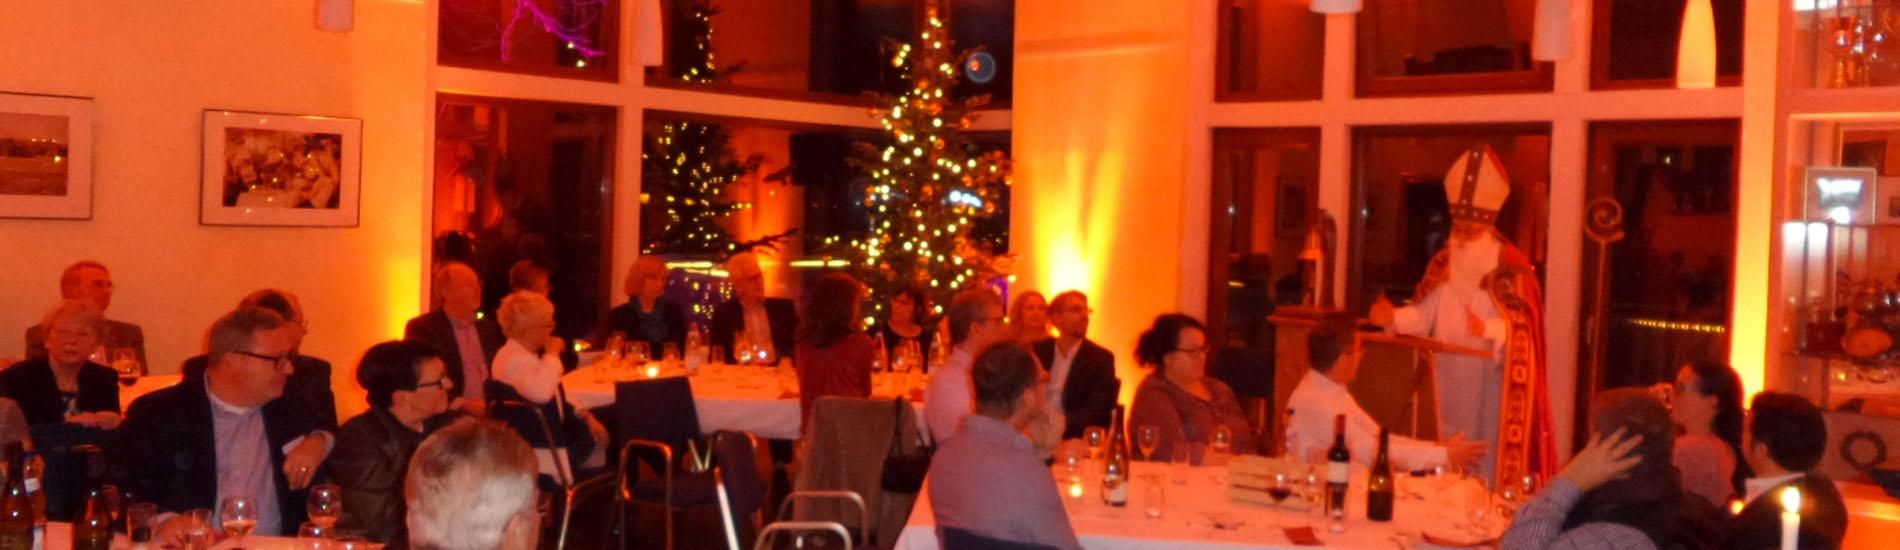 Nikolausfeier bei der BRG – Mit Bar und neu, mit Stuhlraum-Buffet